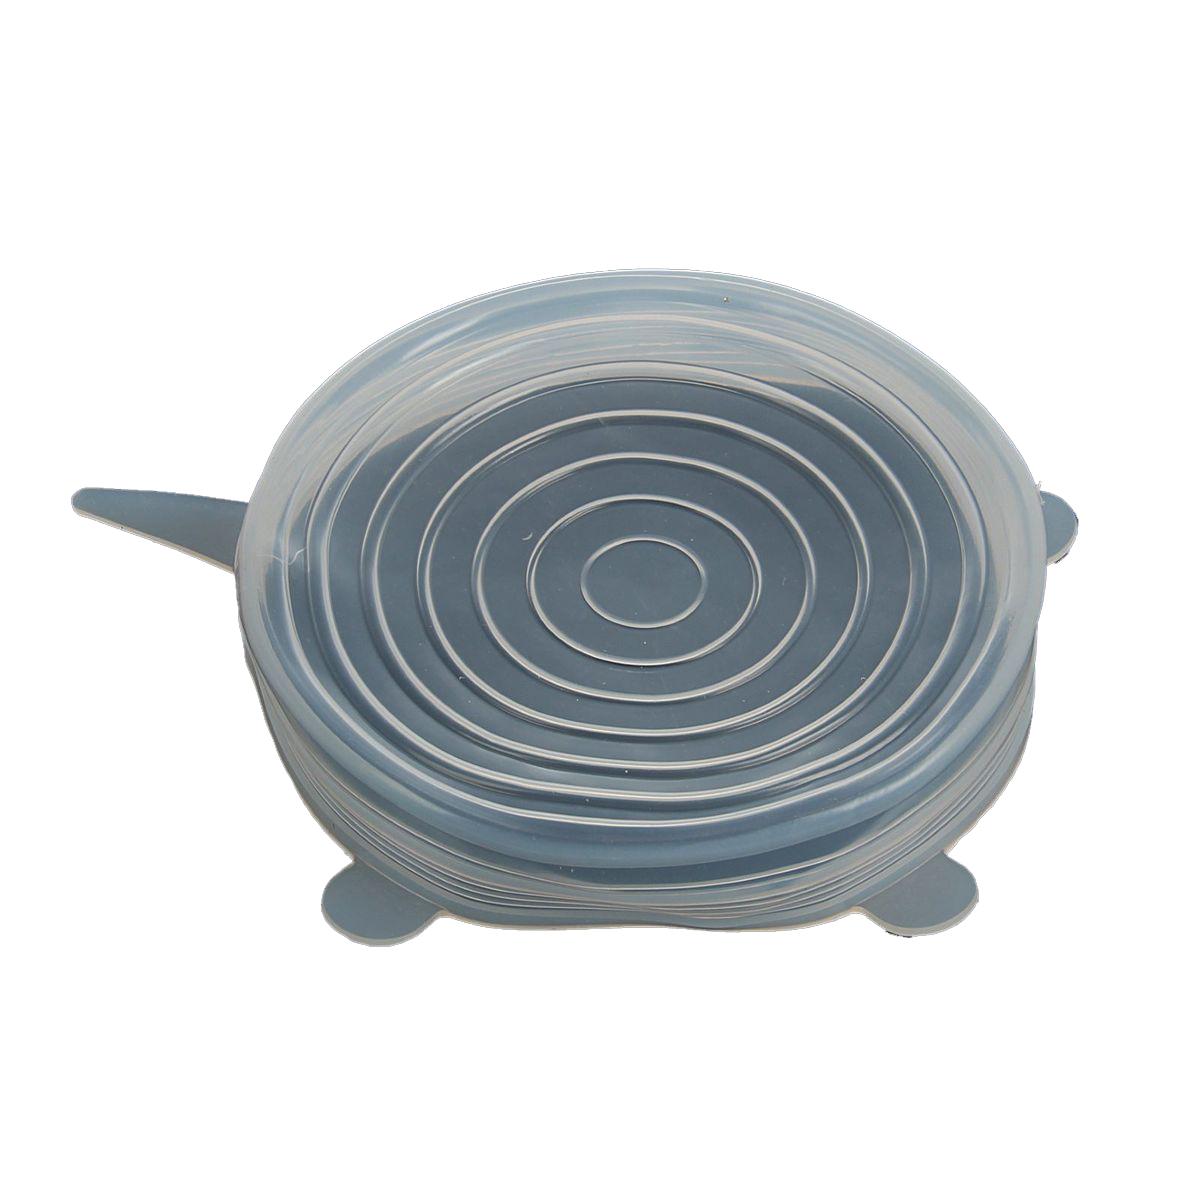 Крышка для банки Доляна Черепашка, диаметр 14,5 см1857293Крышка станет незаменимым помощником любой современной хозяйке! Она выполнена из безопасного пищевого силикона, устойчивого к температурам от -40 до +250°С. Изделие не впитывает посторонние запахи, удобно в транспортировке и хранении. Необычная форма ручки привлечет внимание любого посетителя вашей кухни, а вам поможет не потерять крышку среди остальной посуды.